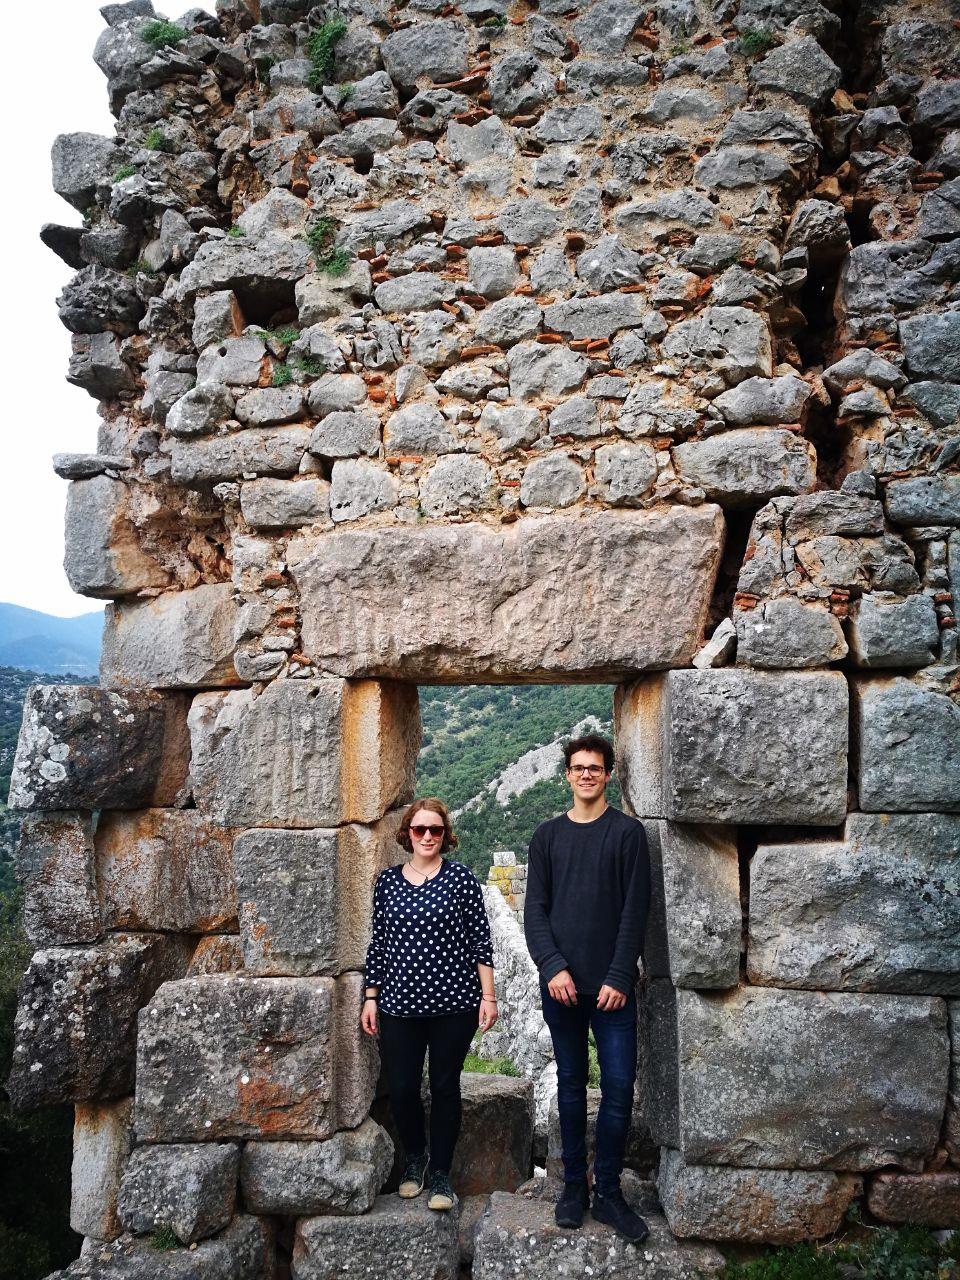 Maria und anderer Freiwilliger vor einer antiken griechischen Ruine aus Stein